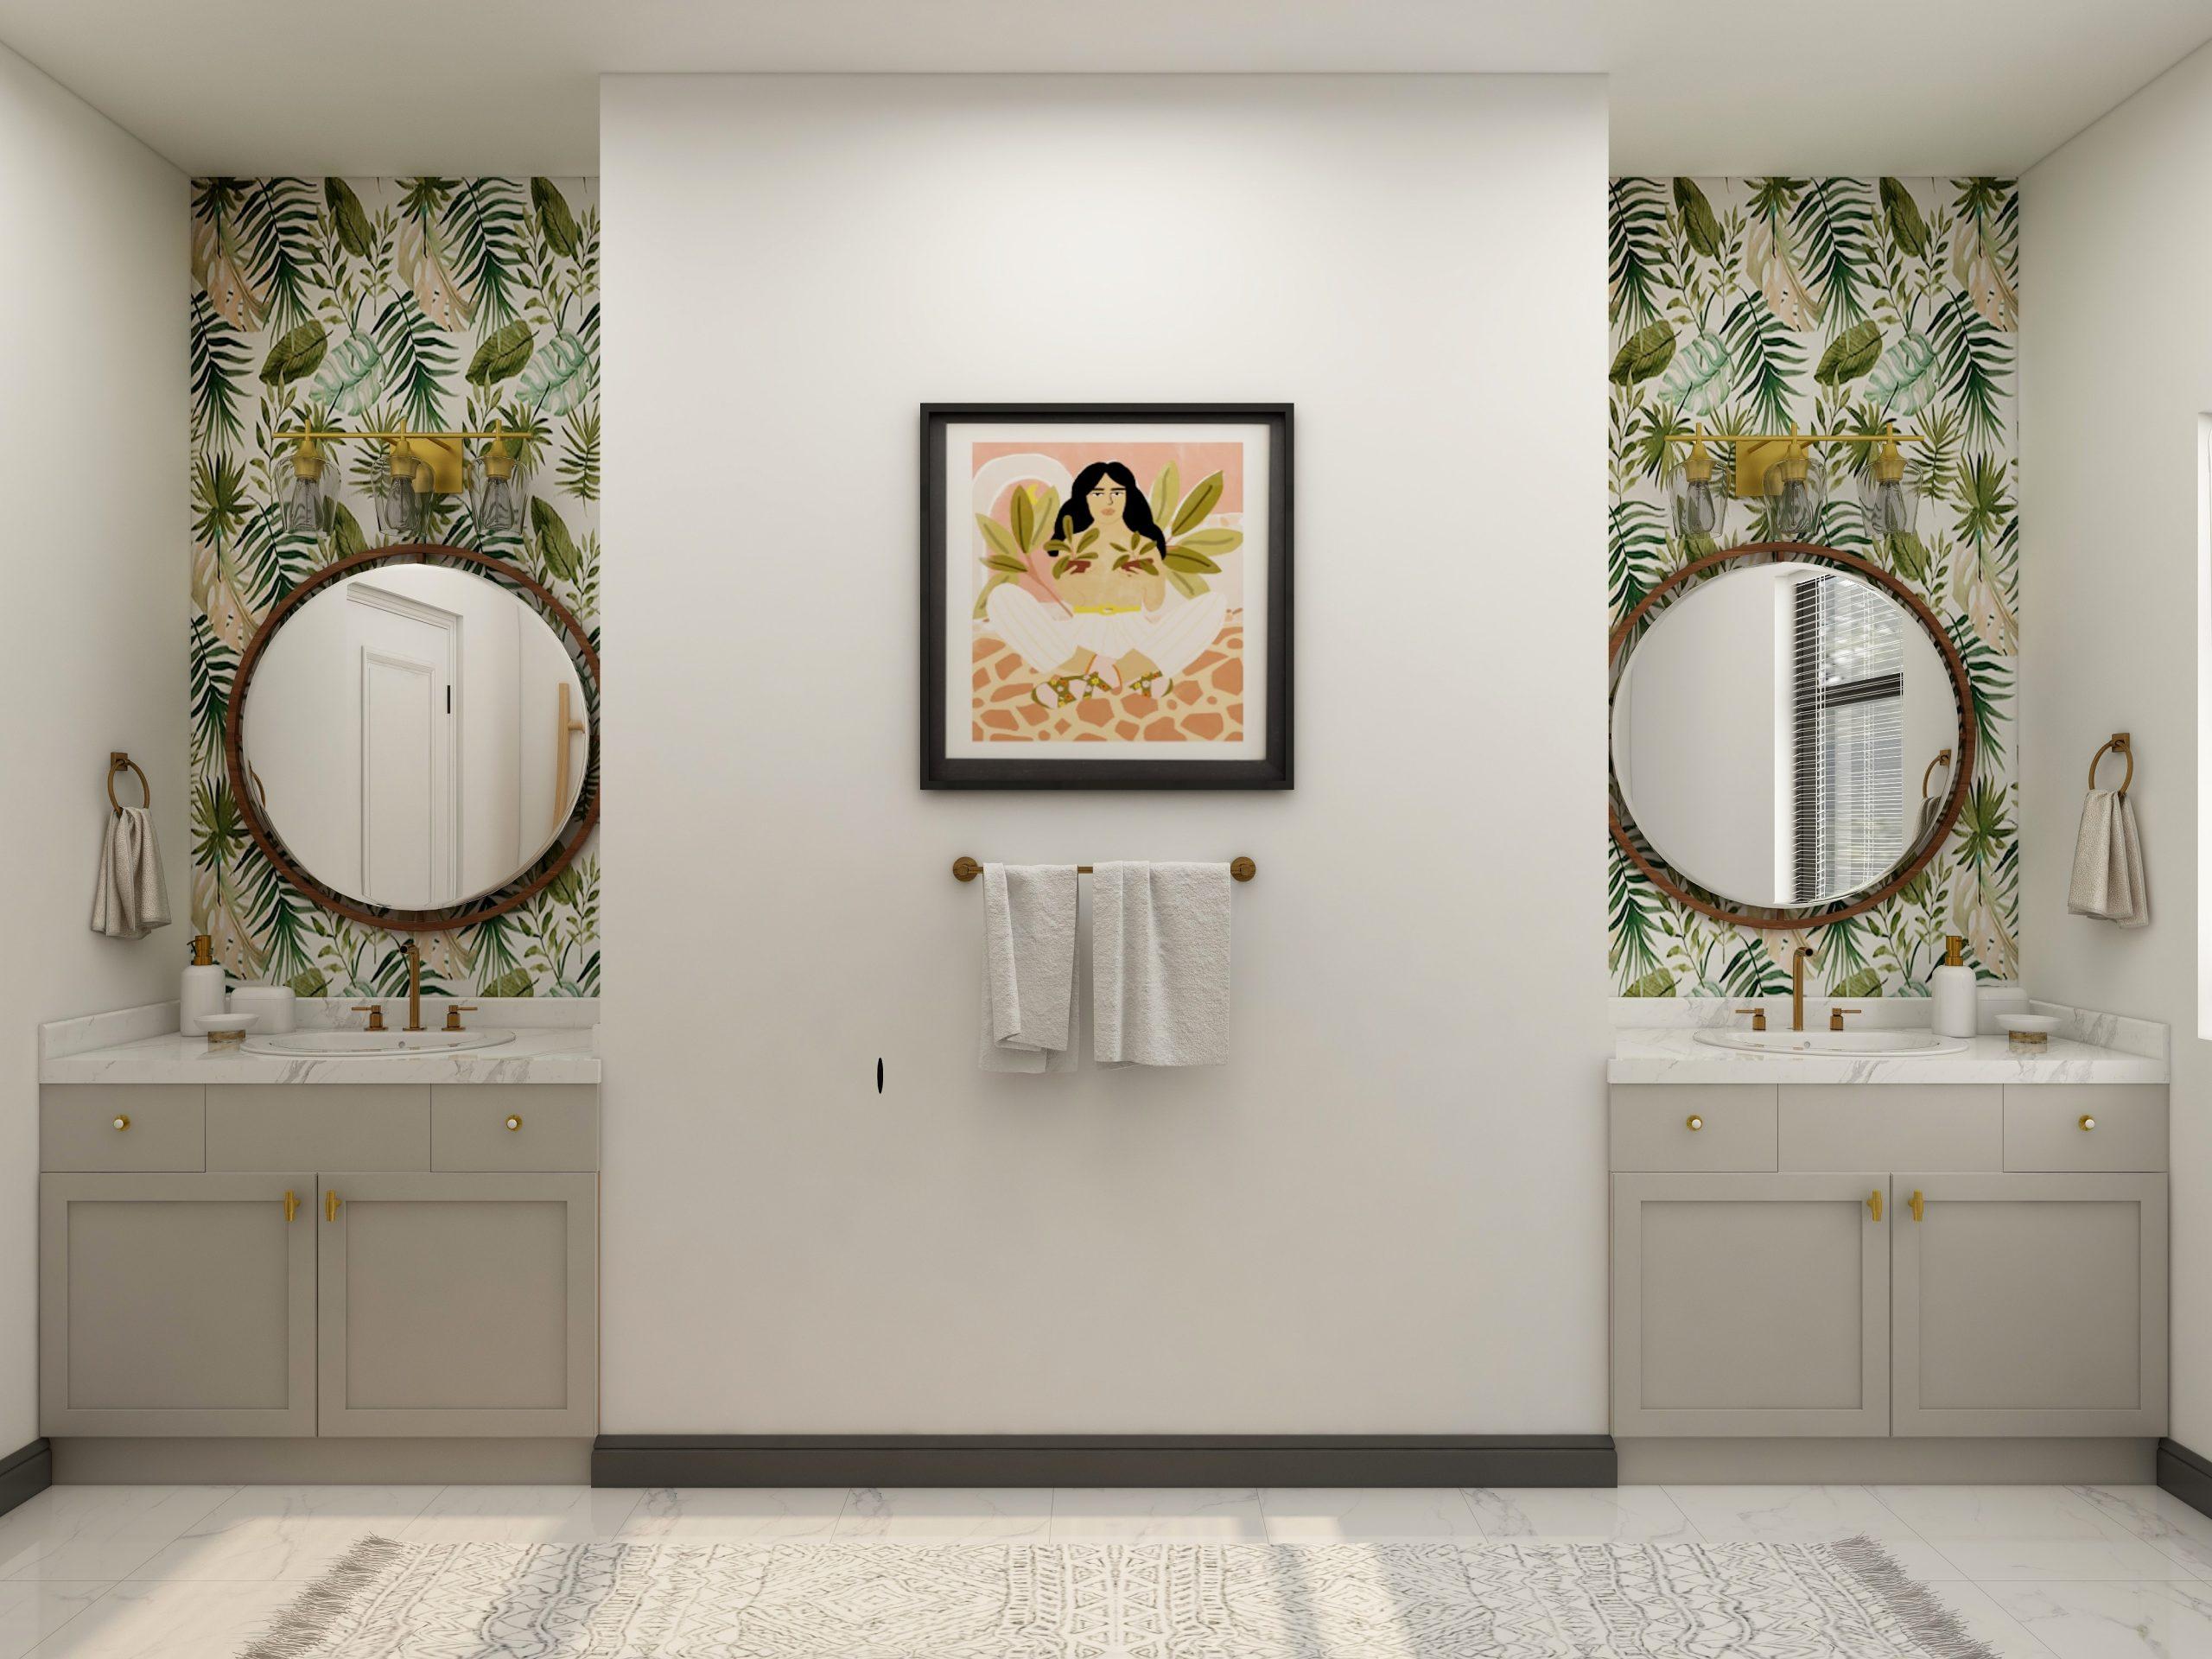 Imagem de um banheiro decorado com papel de parede.